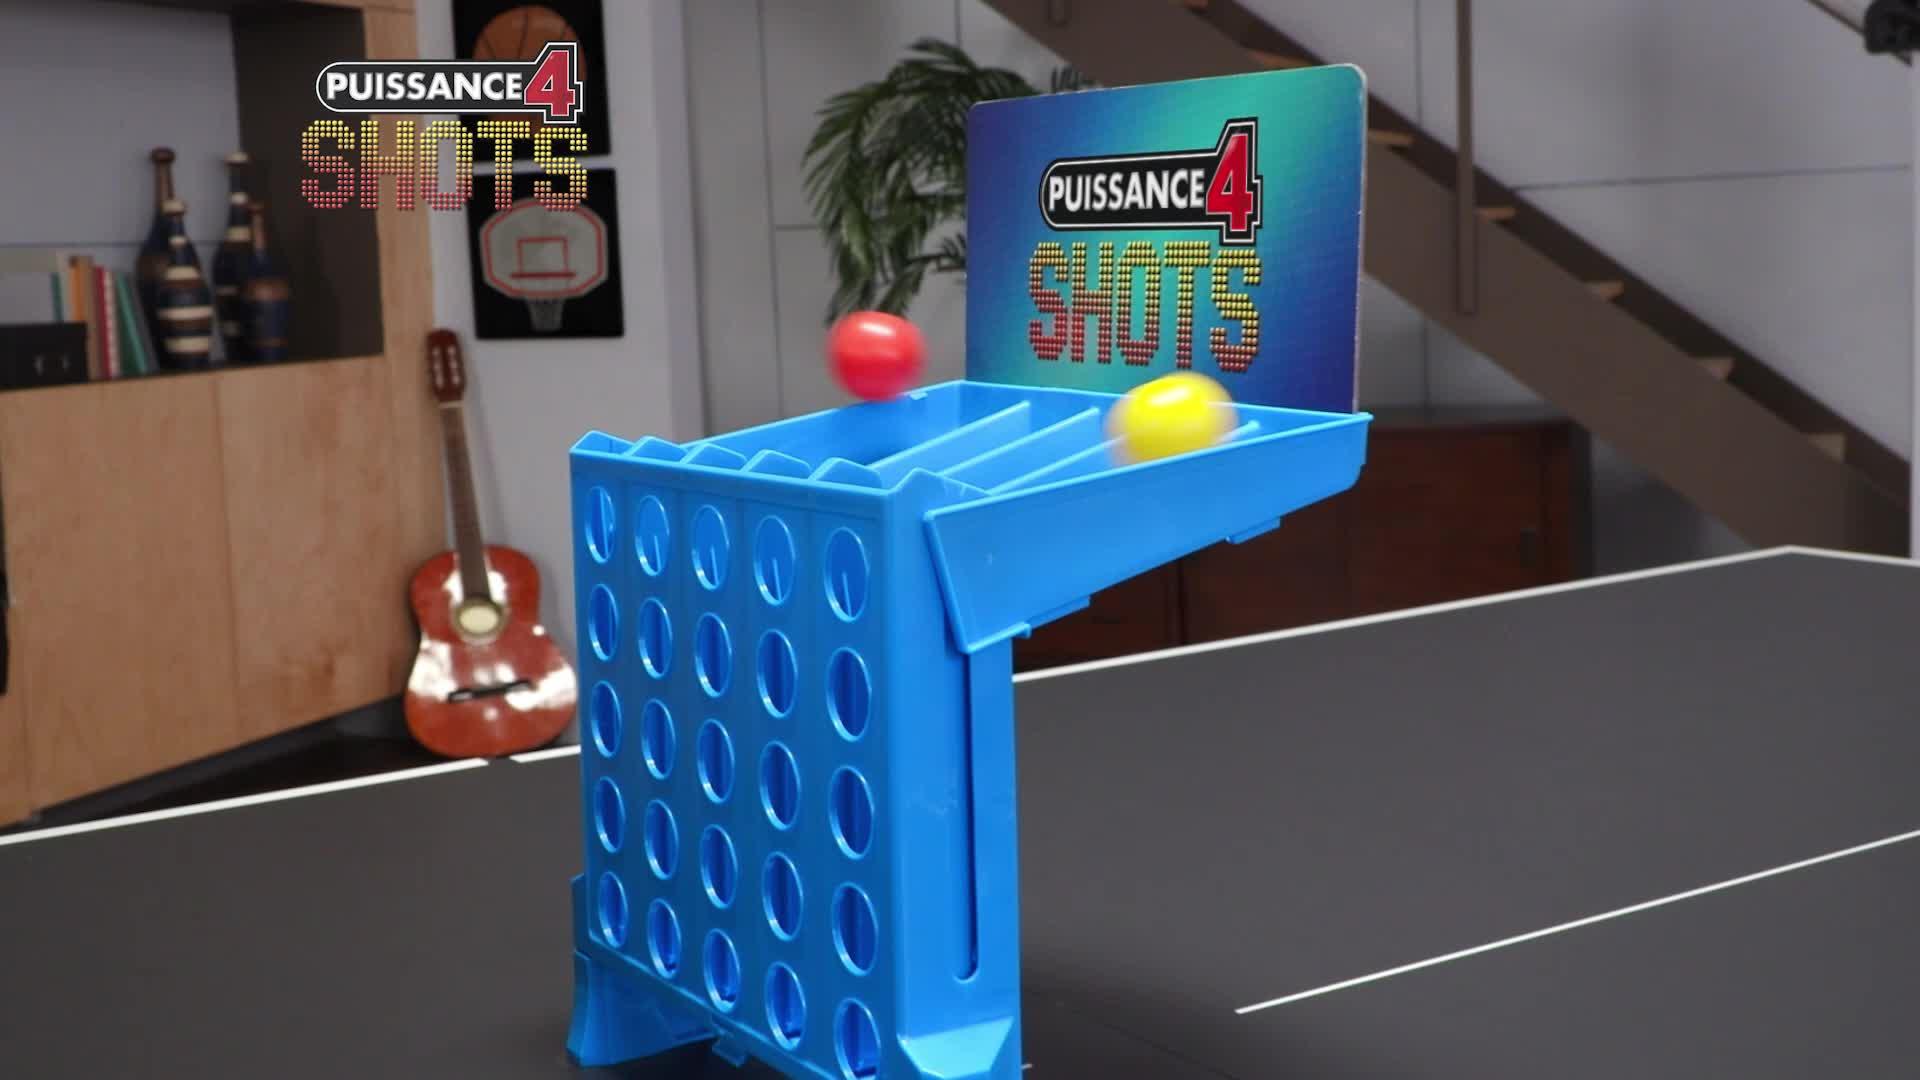 Jeu De Stratégie Hasbro Puissance 4 Shots tout Jeux Gratuit Puissance 4